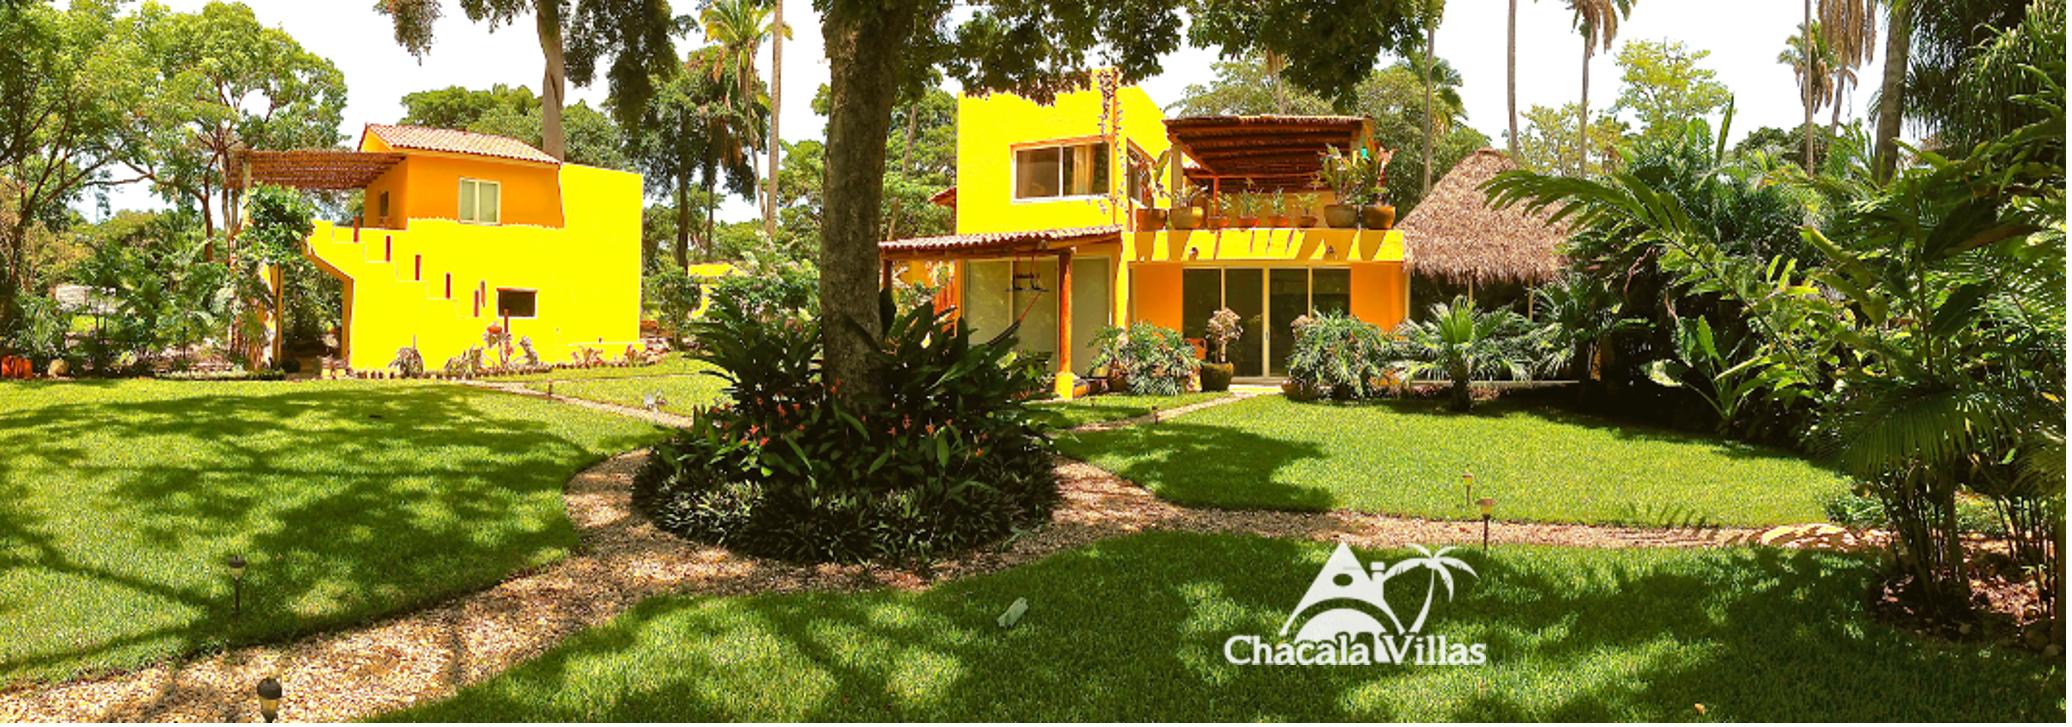 Villa tutu garden panoramic CHV logo